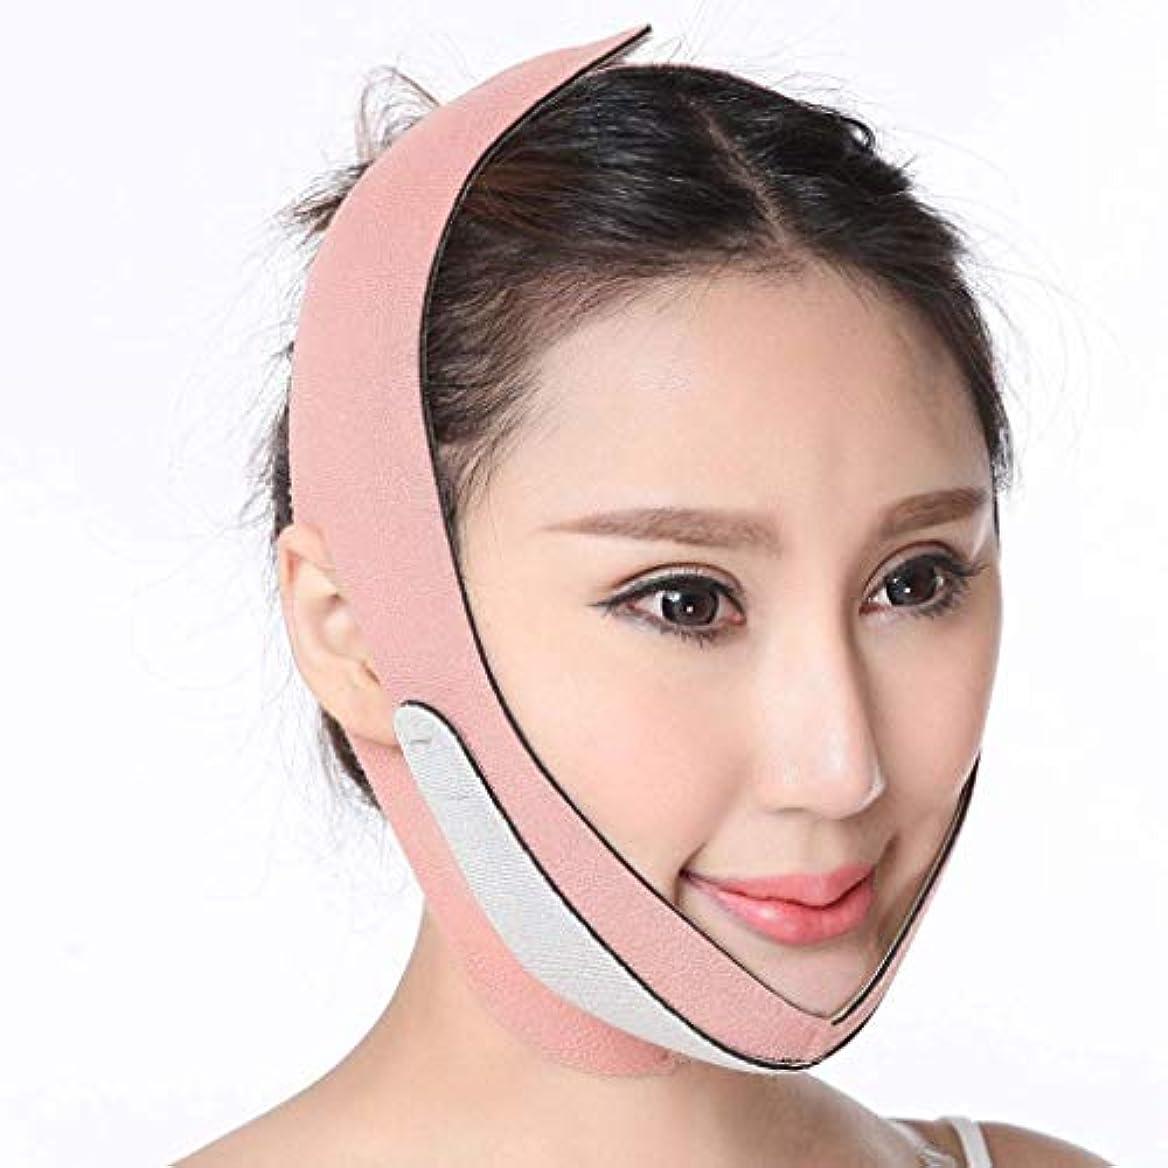 または連続的エミュレーションPichidr-JP 顔の痩身ストラップ顔痩身マスクVフェイスベルトフェイスリフト包帯リフト顎のほっそりスリム痩身包帯通気性